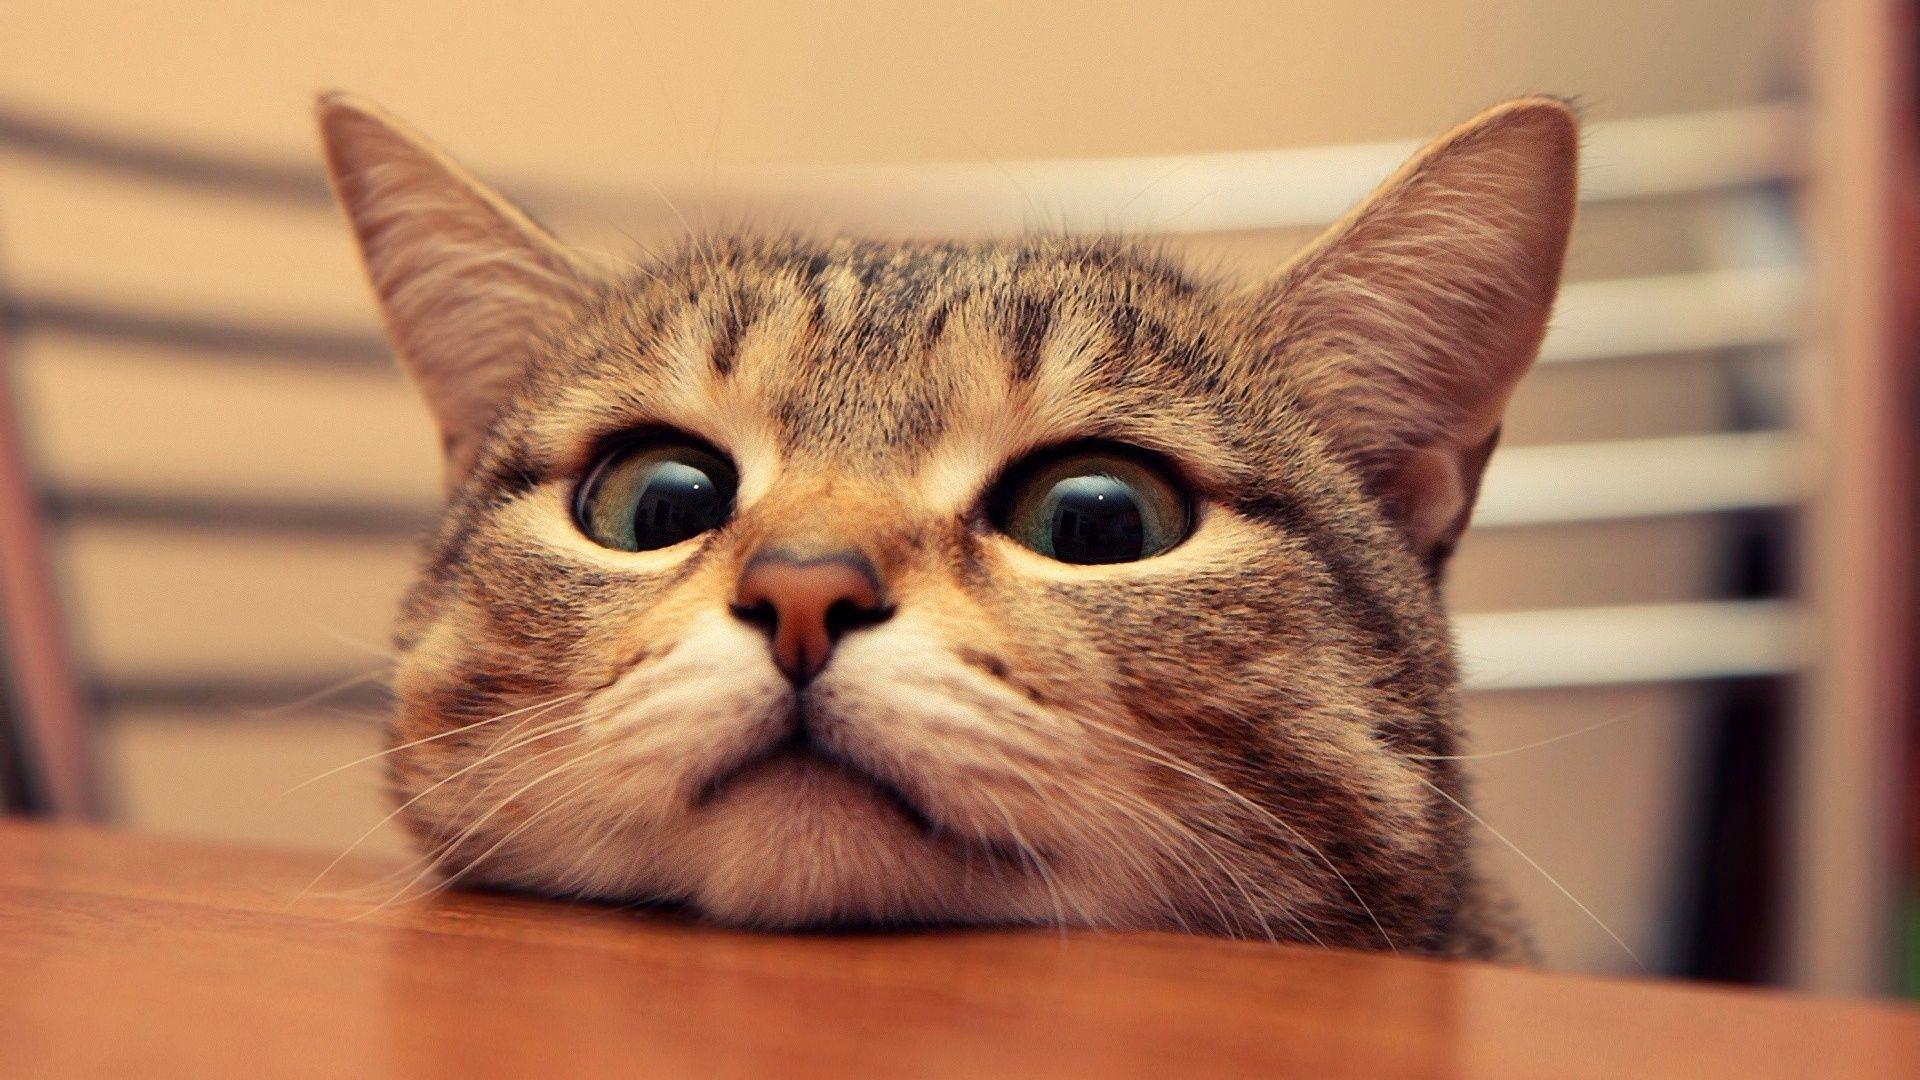 Surprised Cat Pictures